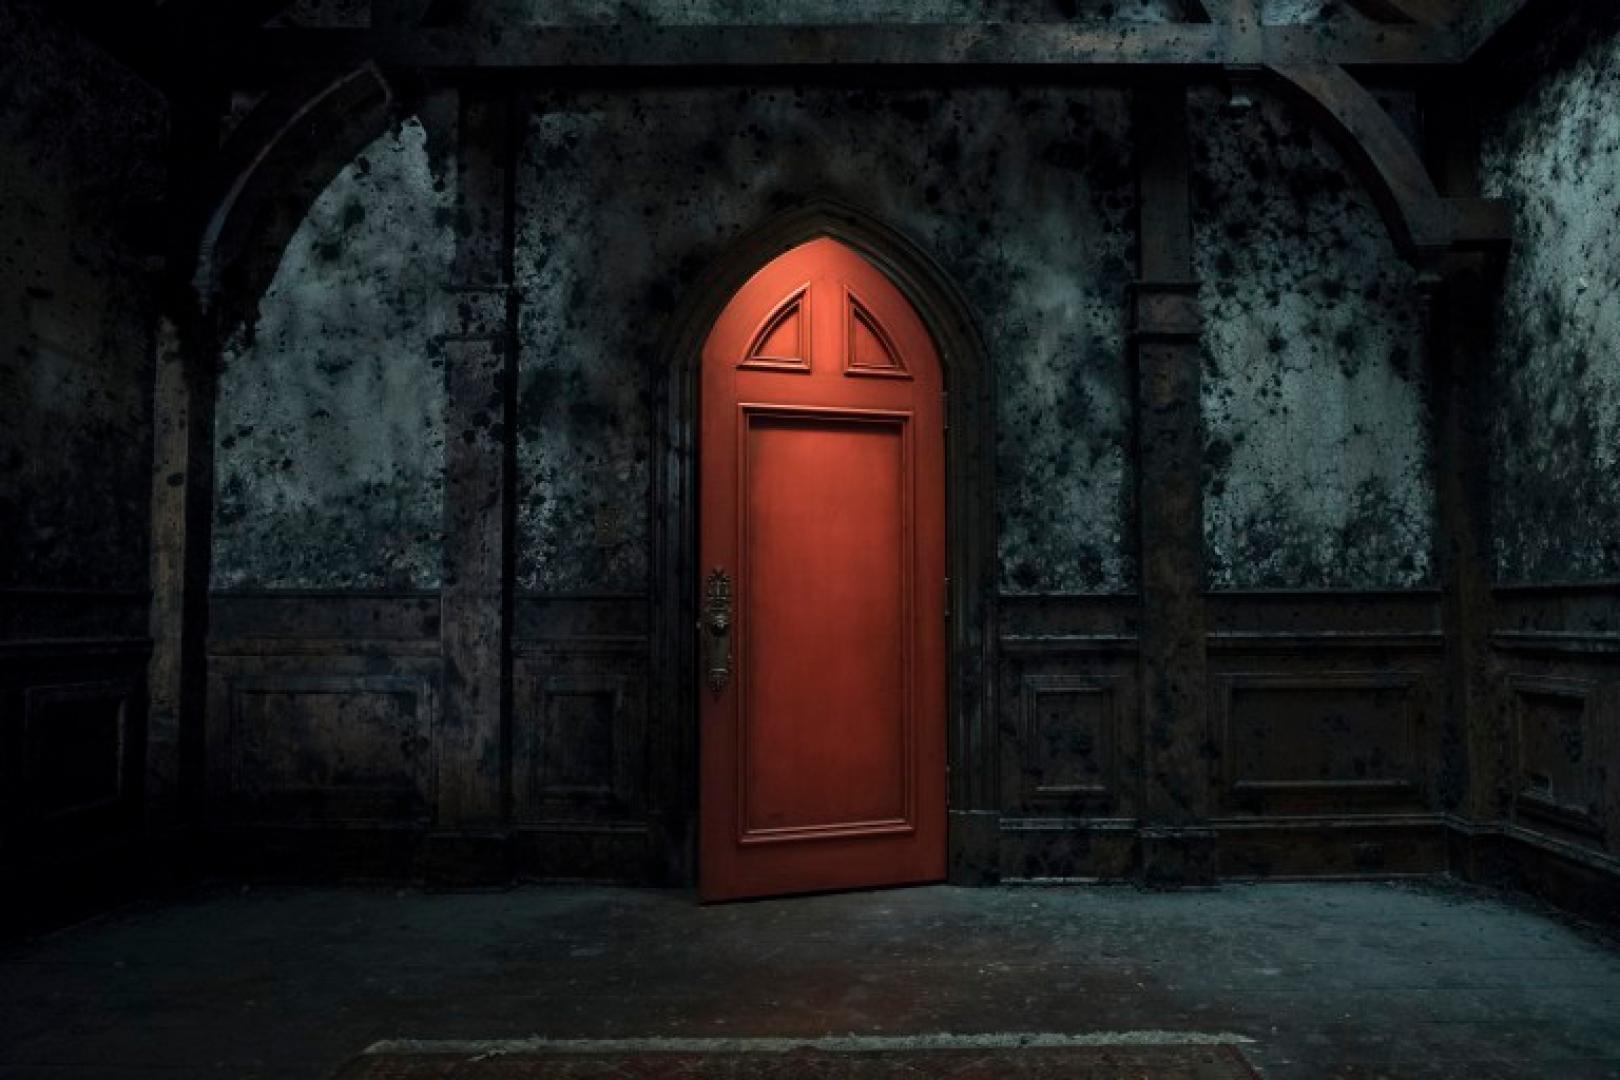 Képek érkeztek a The Haunting of Hill House sorozathoz